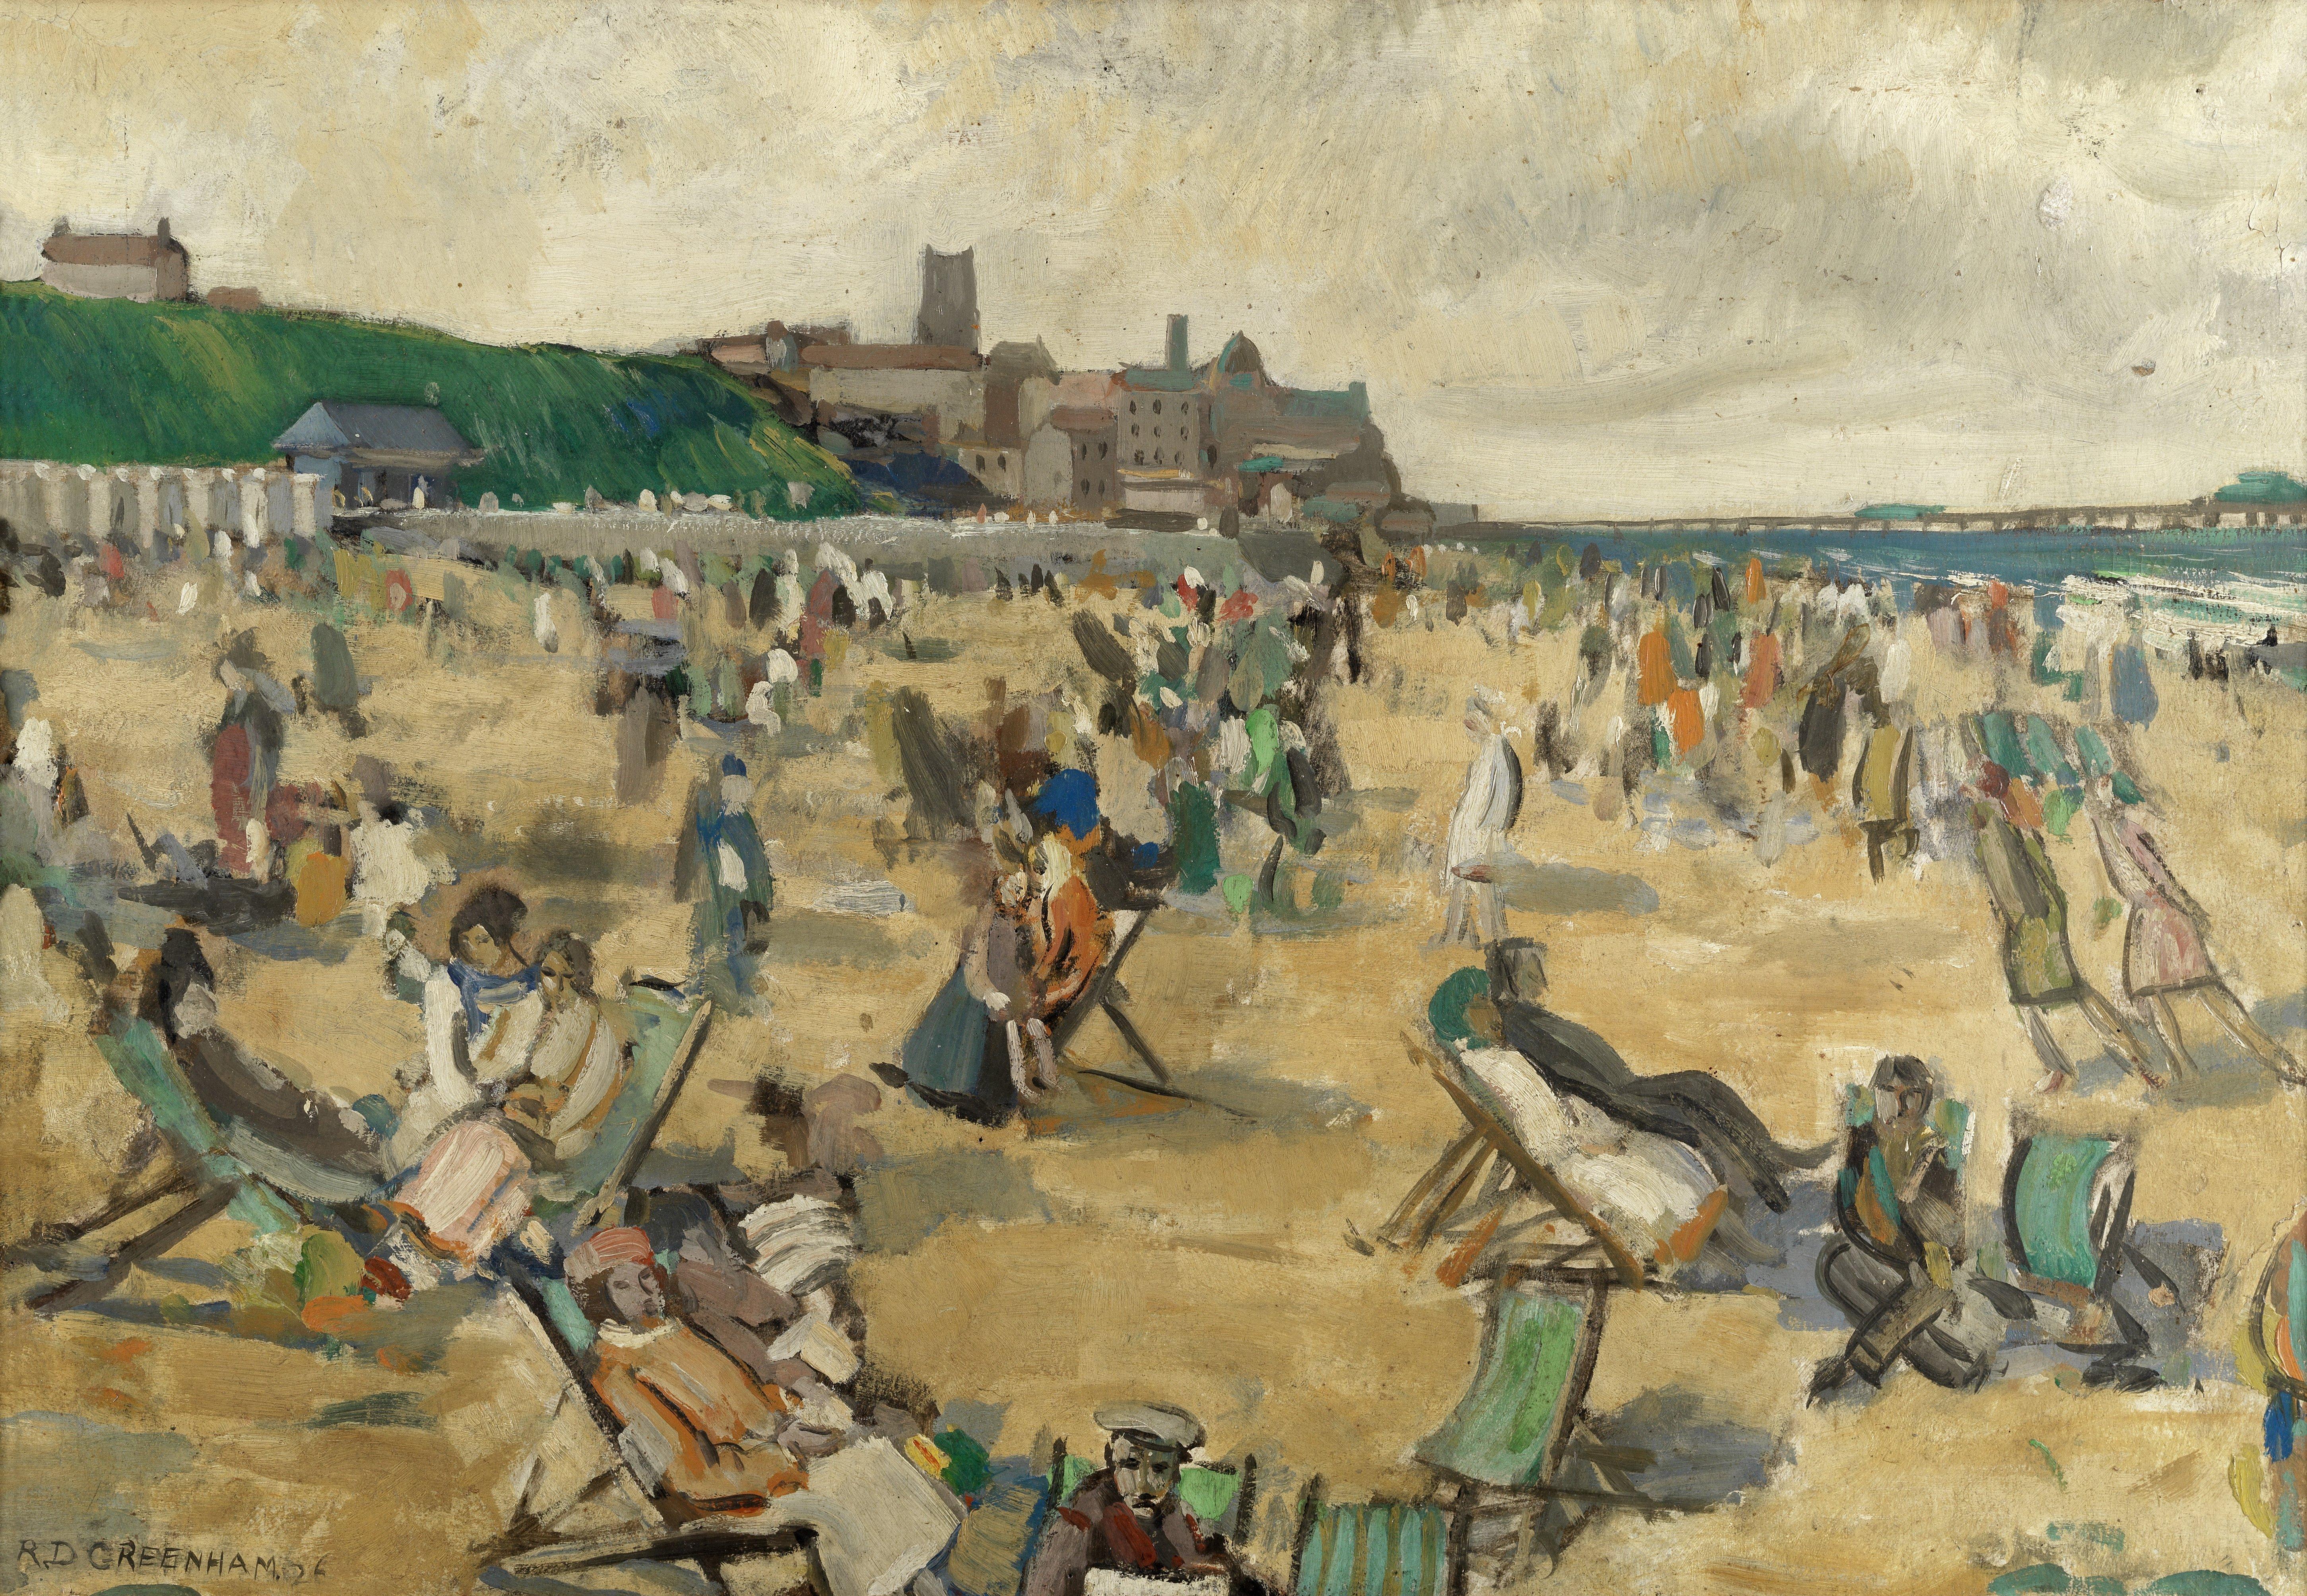 Robert Duckworth Greenham (British, 1906-1975) Cromer beach, midsummer